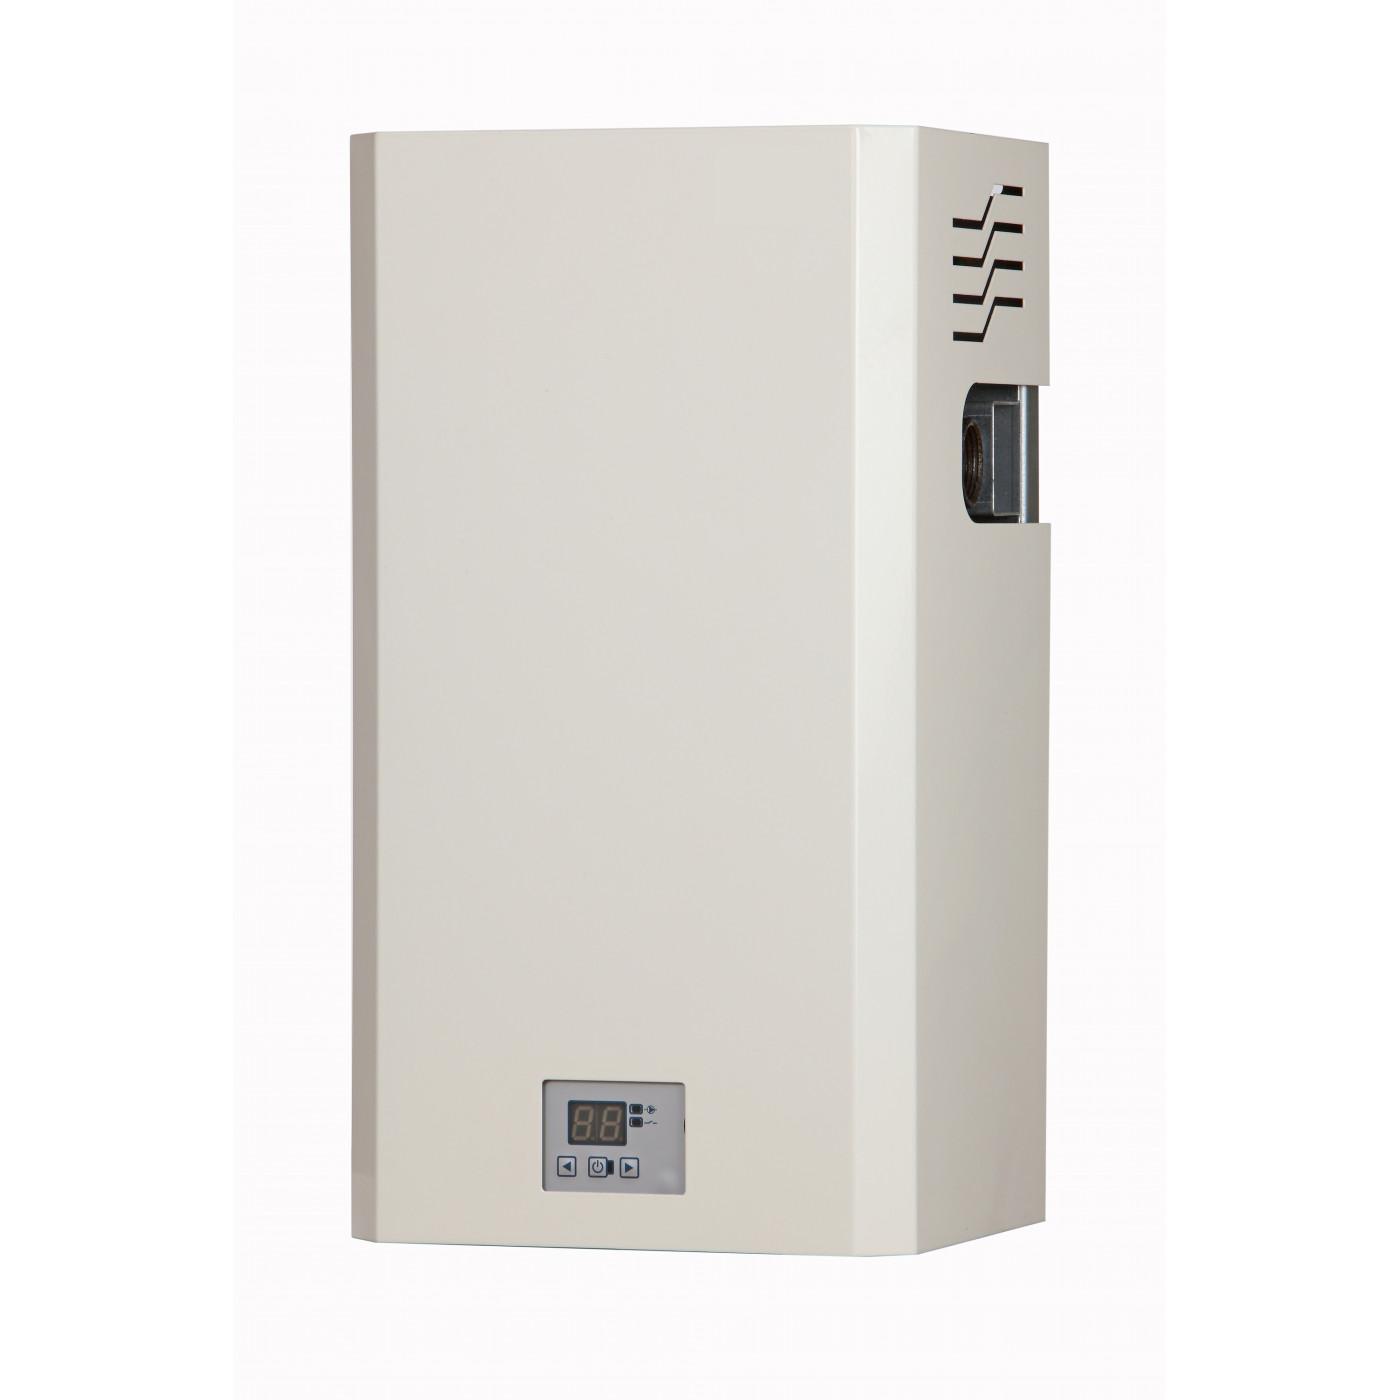 Elektro Heizkessel Heiztherme 15 kW elektrische Heizanlage  Elektrozentralheizung Therme